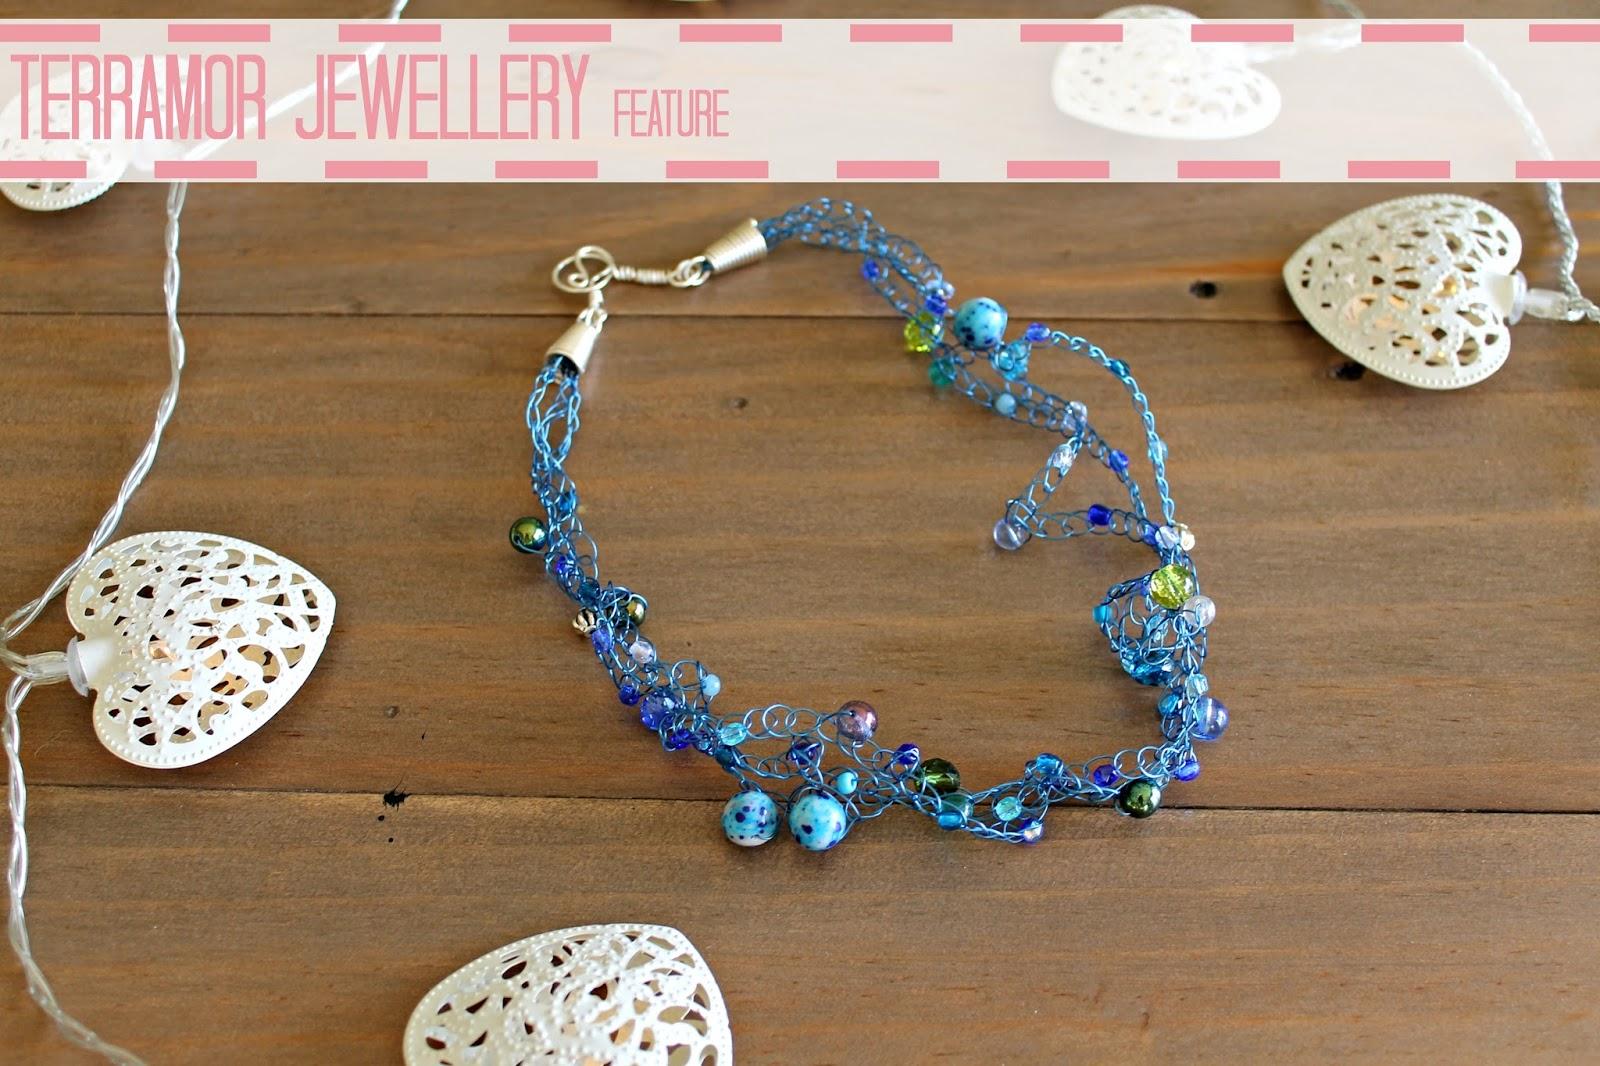 Terramor jewellery bec boop